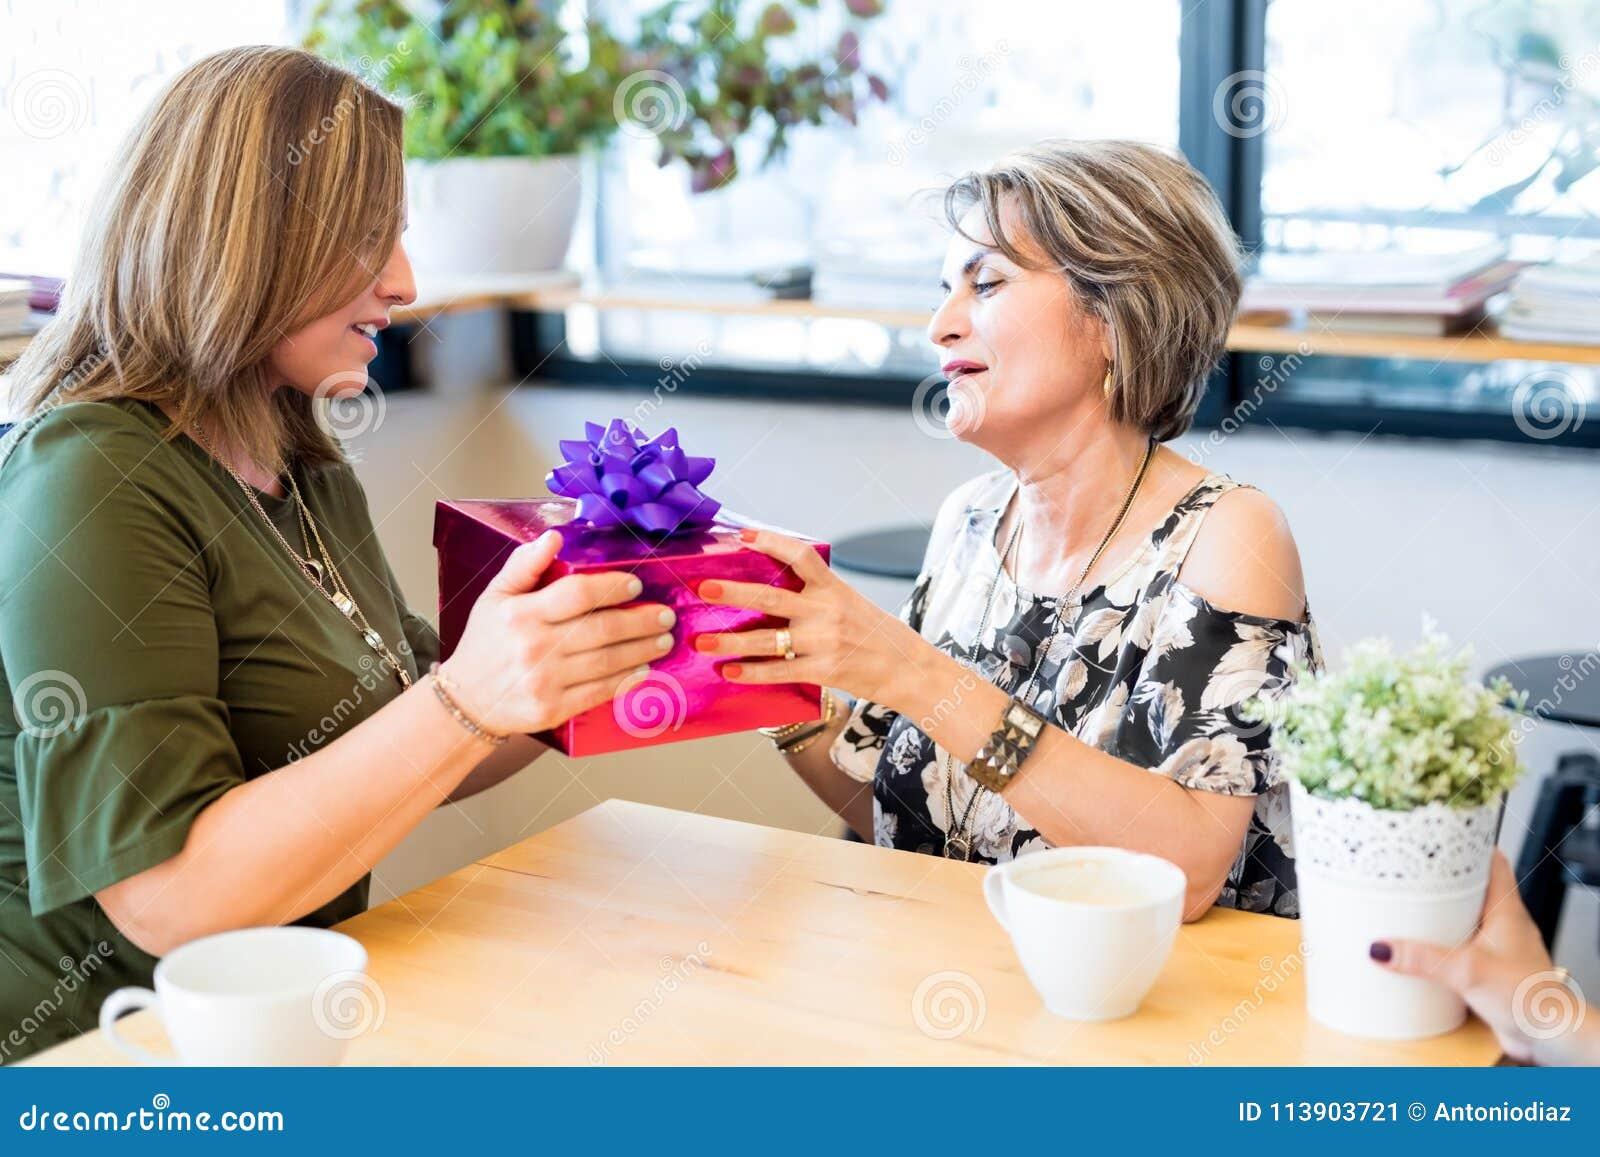 Mature female friend